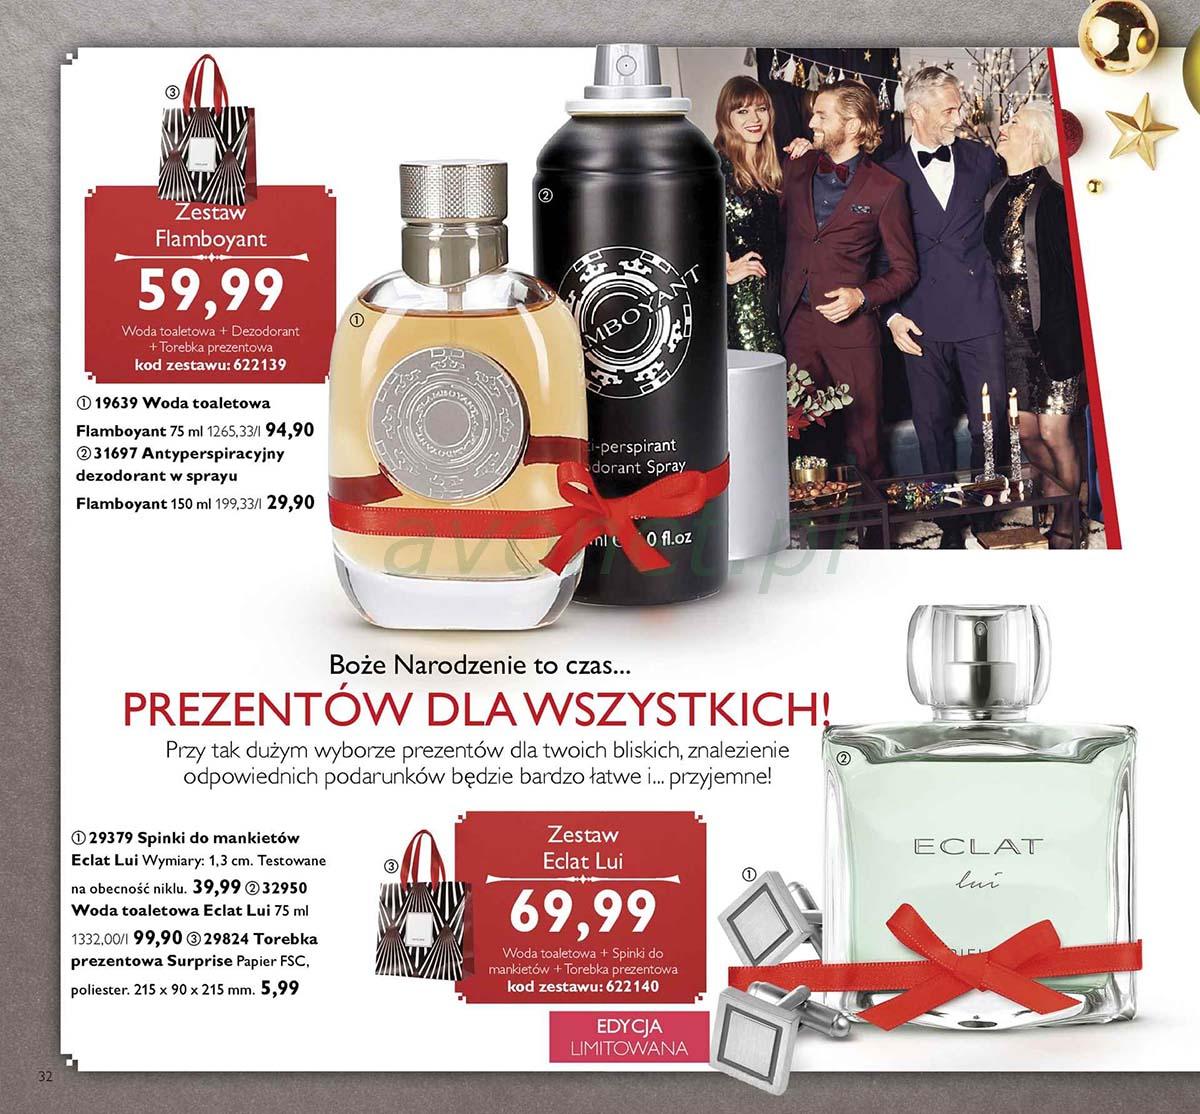 2017017-032-pl-pl